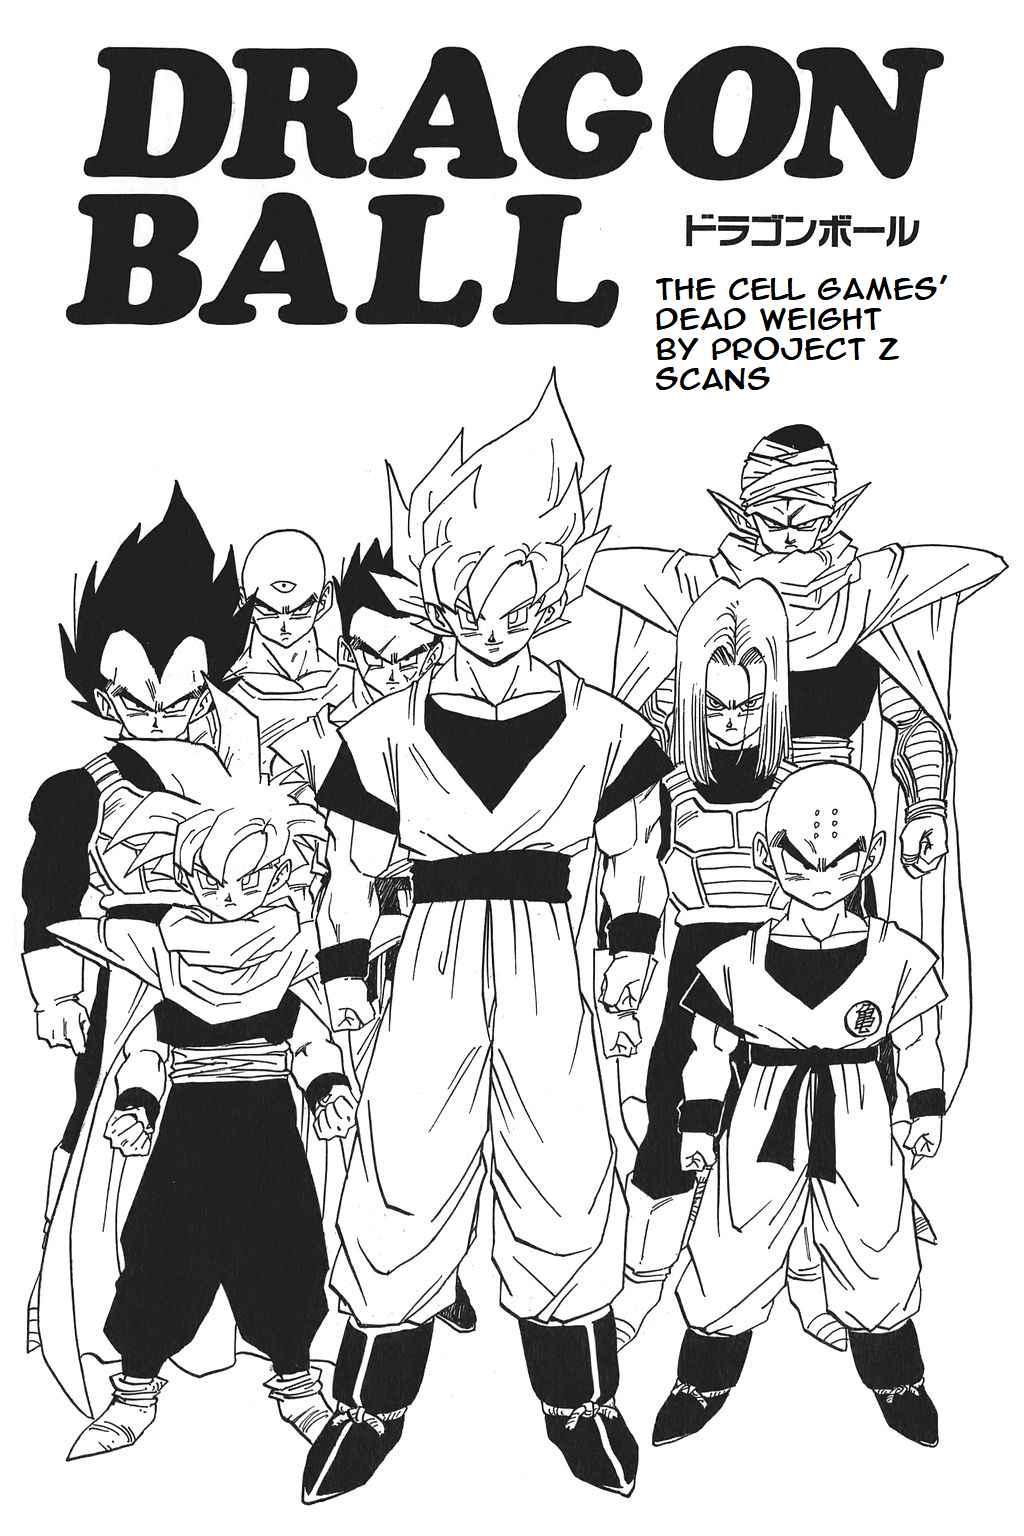 https://manga.mangadogs.com/comics/pic2/49/14833/891704/b05edd78c294dcf6d960190bf5bde635.jpg Page 1